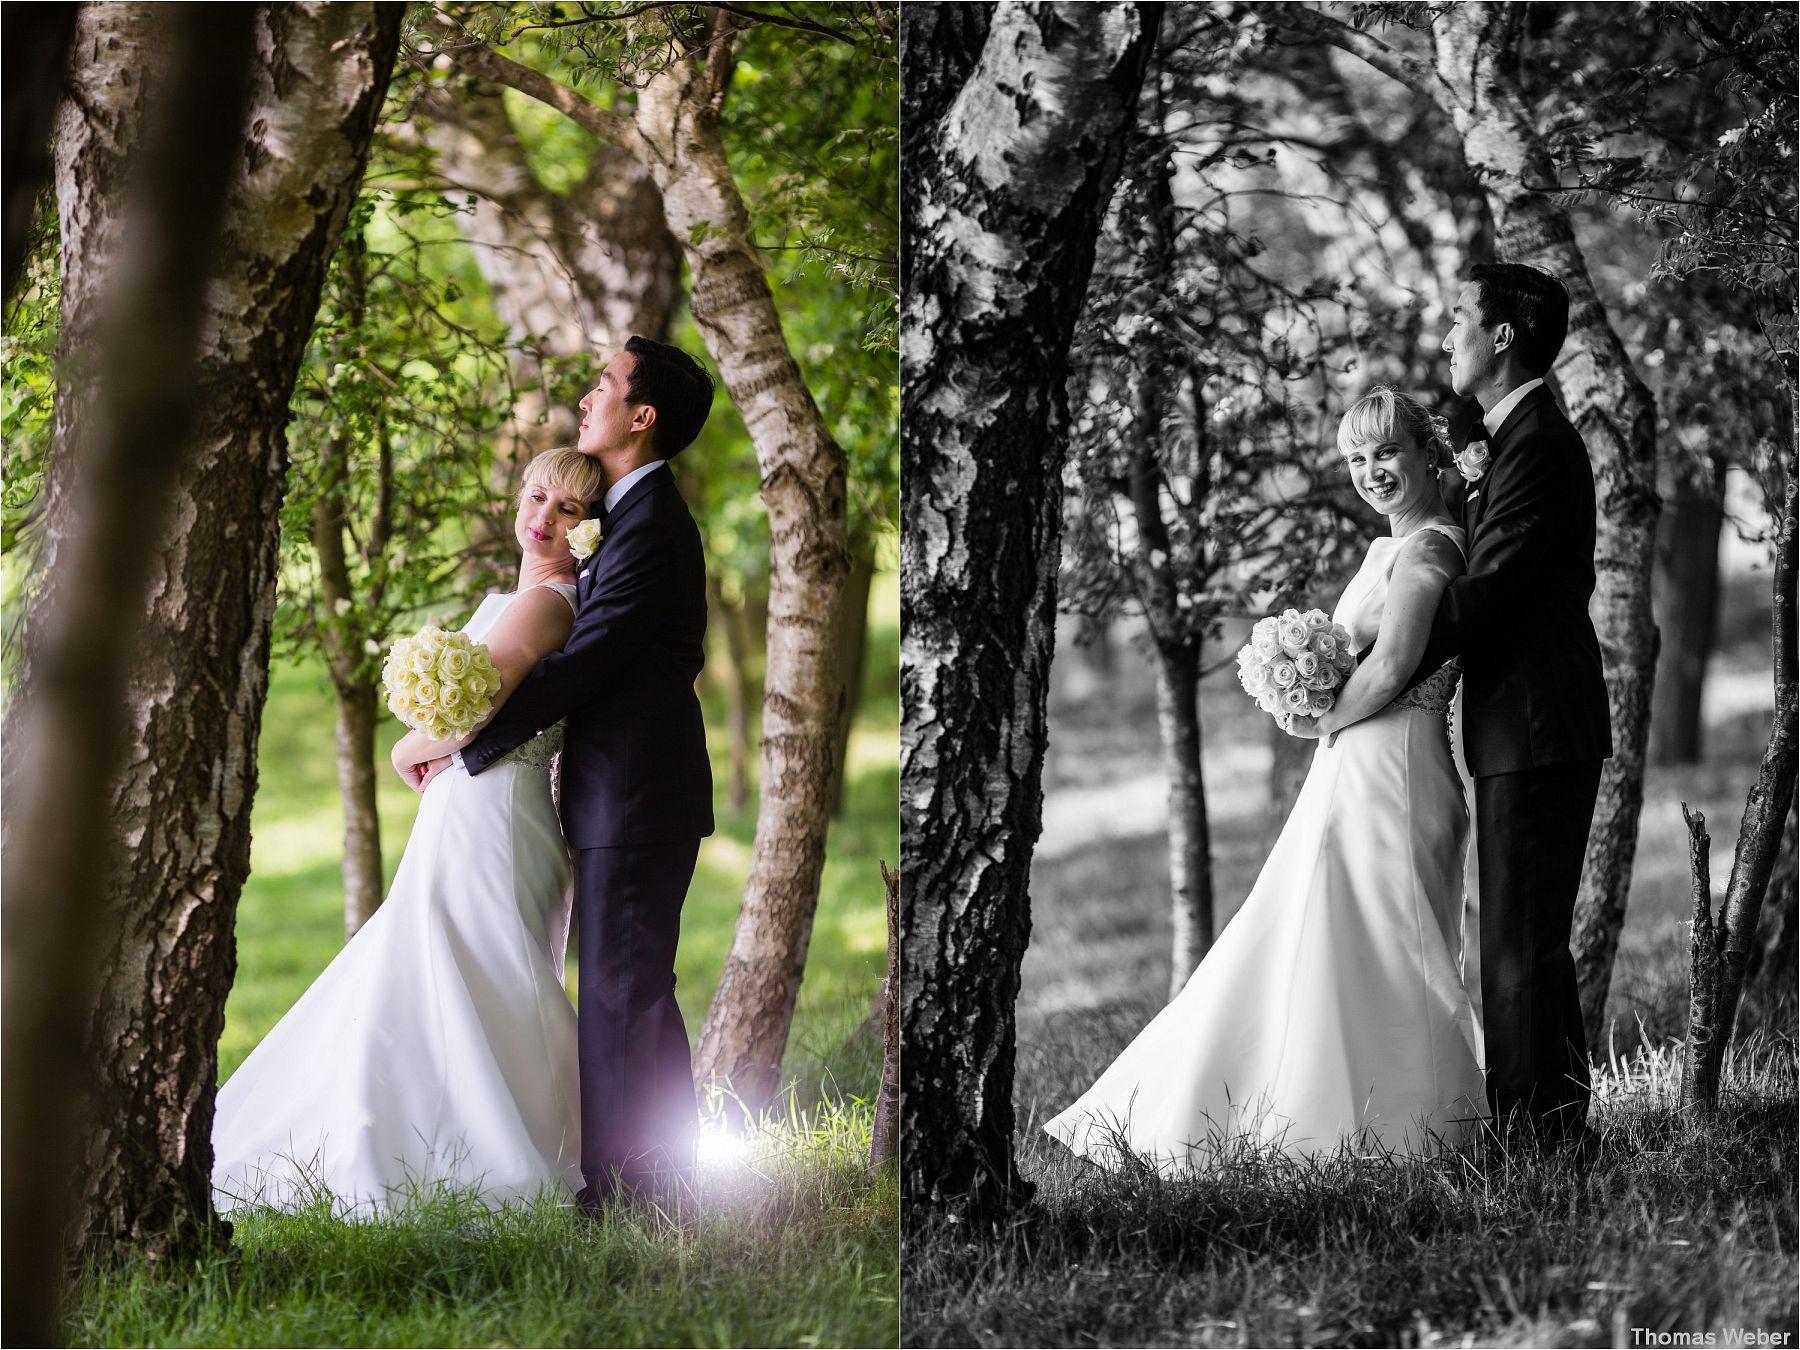 Freie Trauung in der Eventscheune St. Georg Rastede, Hochzeitsfotograf Rastede, Thomas Weber, Thomas Weber